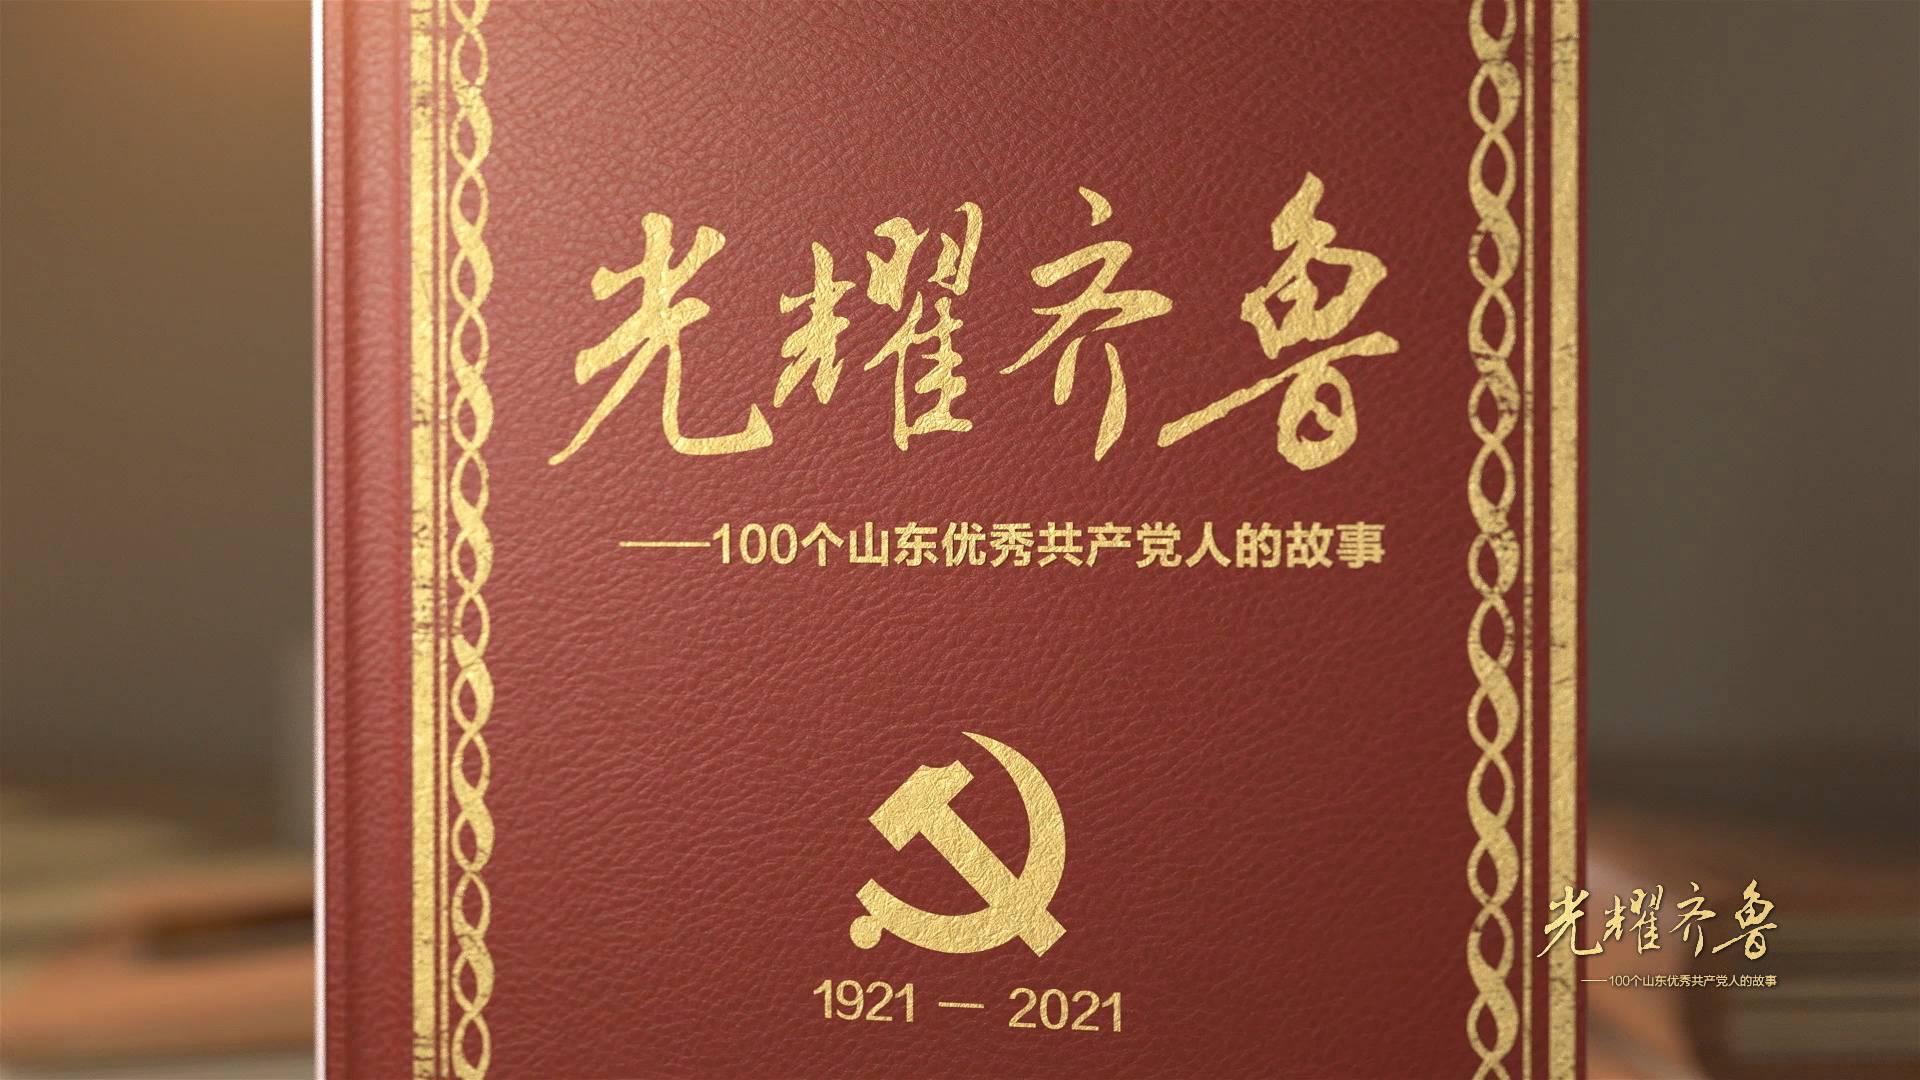 百集微纪录片《光耀齐鲁》王尽美 邓恩铭:携火种播撒齐鲁 志同道合的革命兄弟